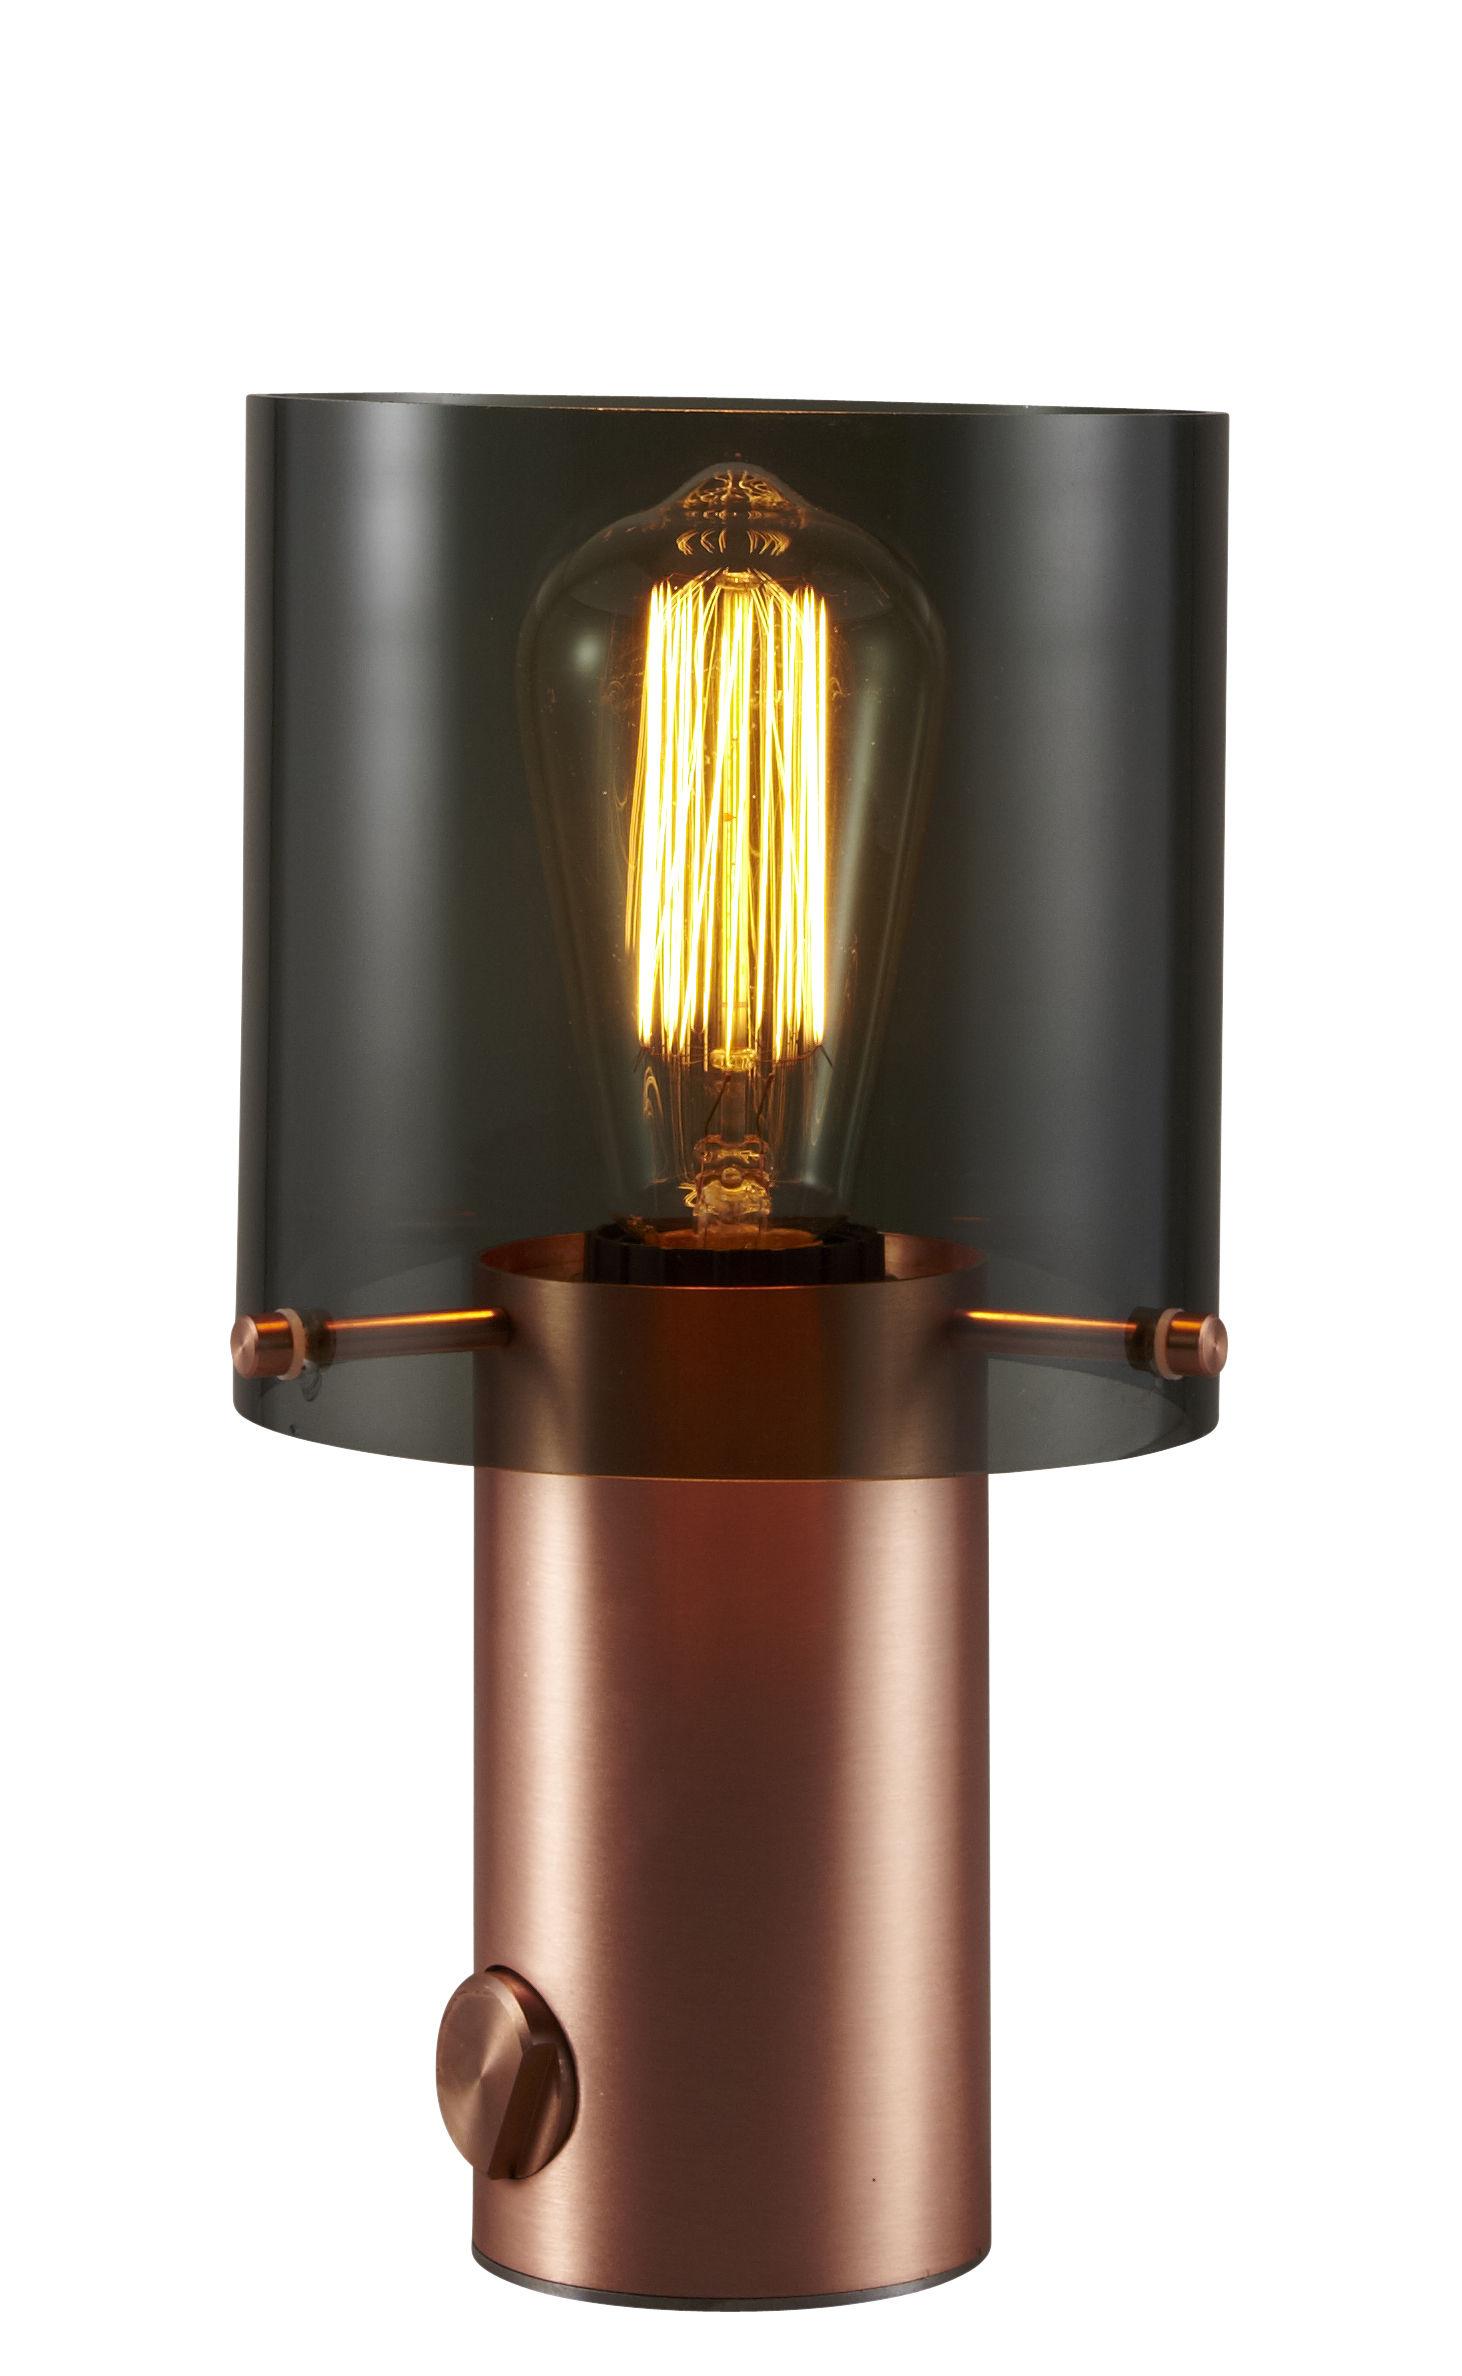 Luminaire - Lampes de table - Lampe de table Walter 1 / H 27 cm - Verre et cuivre - Original BTC - Verre anthracite / Cuivre satiné - Cuivre satiné, Verre